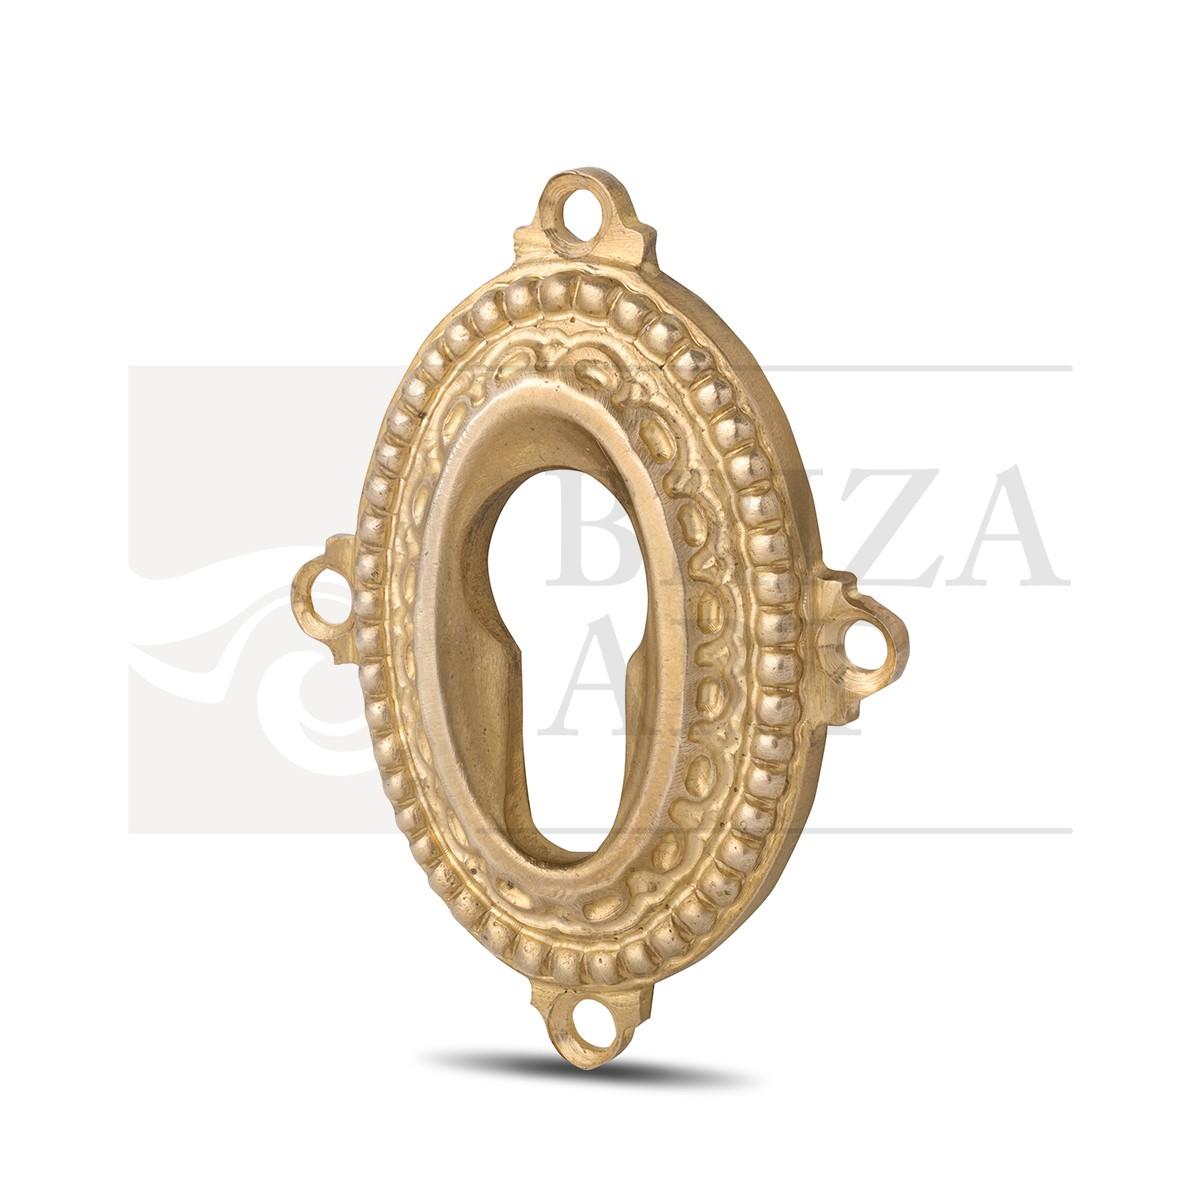 Ключевина овальная с горохом и отверстиями для крепежа, арт: 06-011